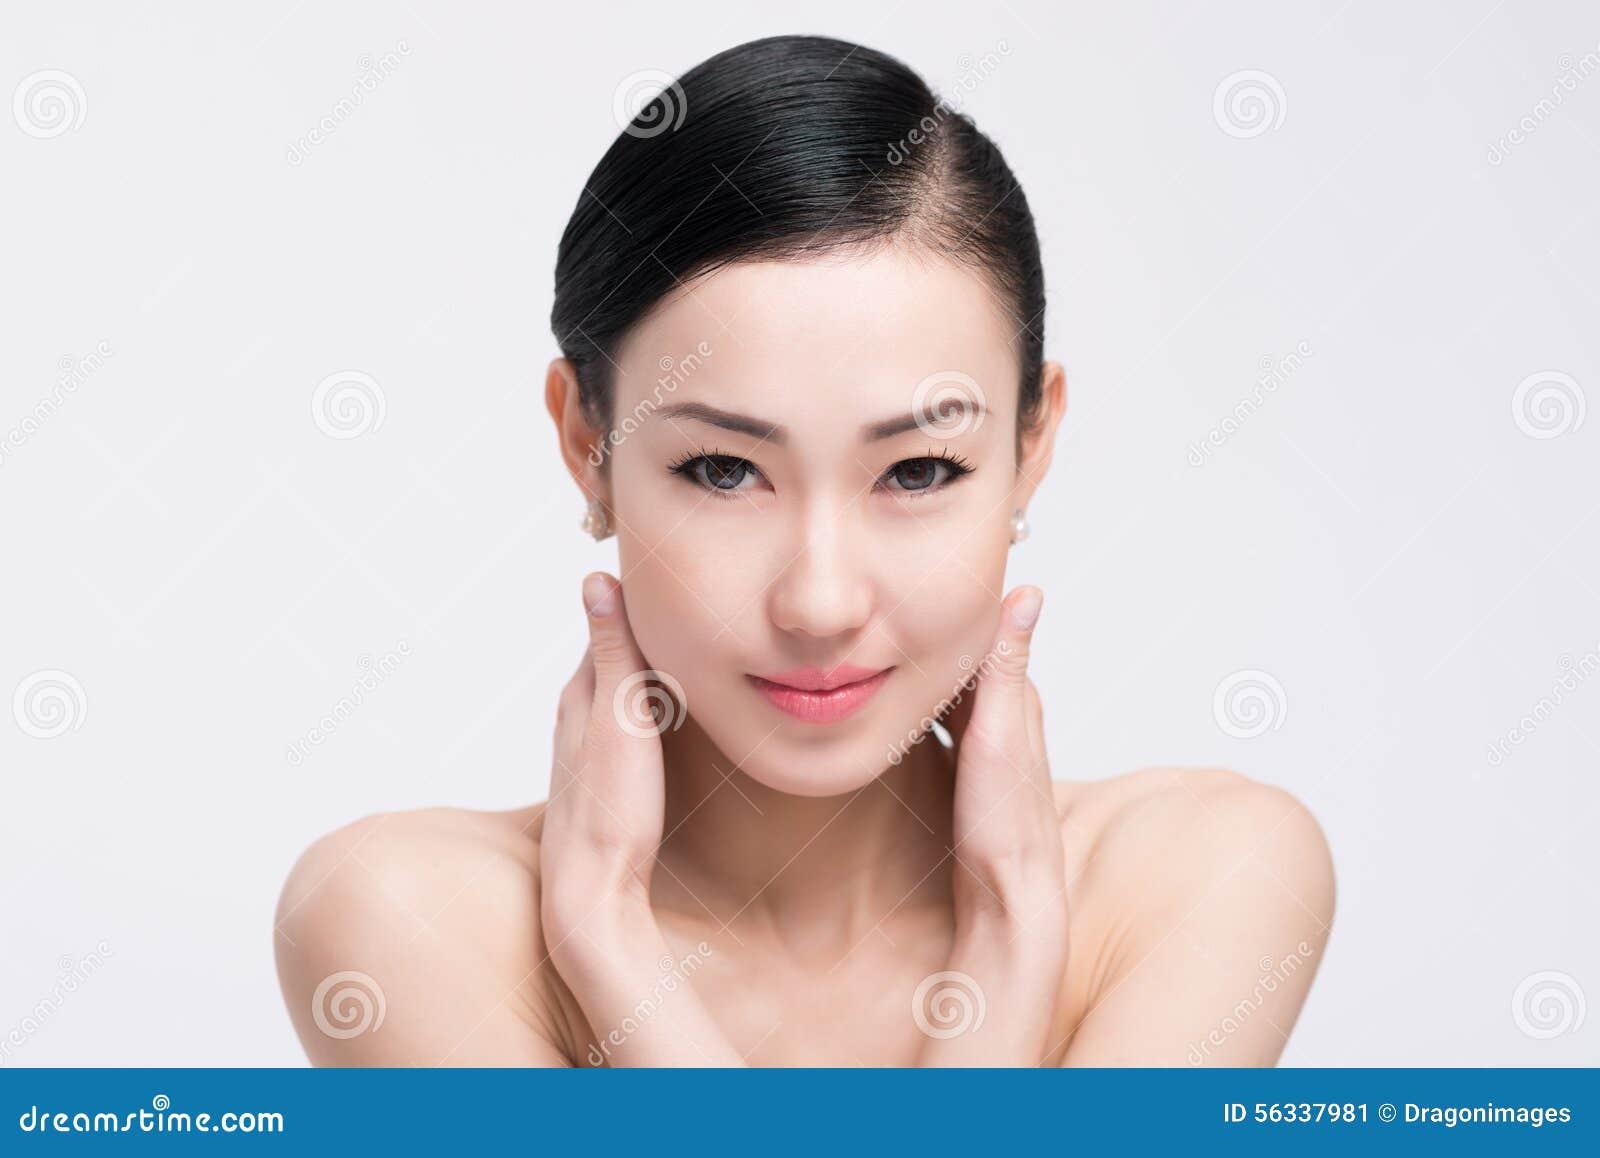 Cara bonita e pele clara